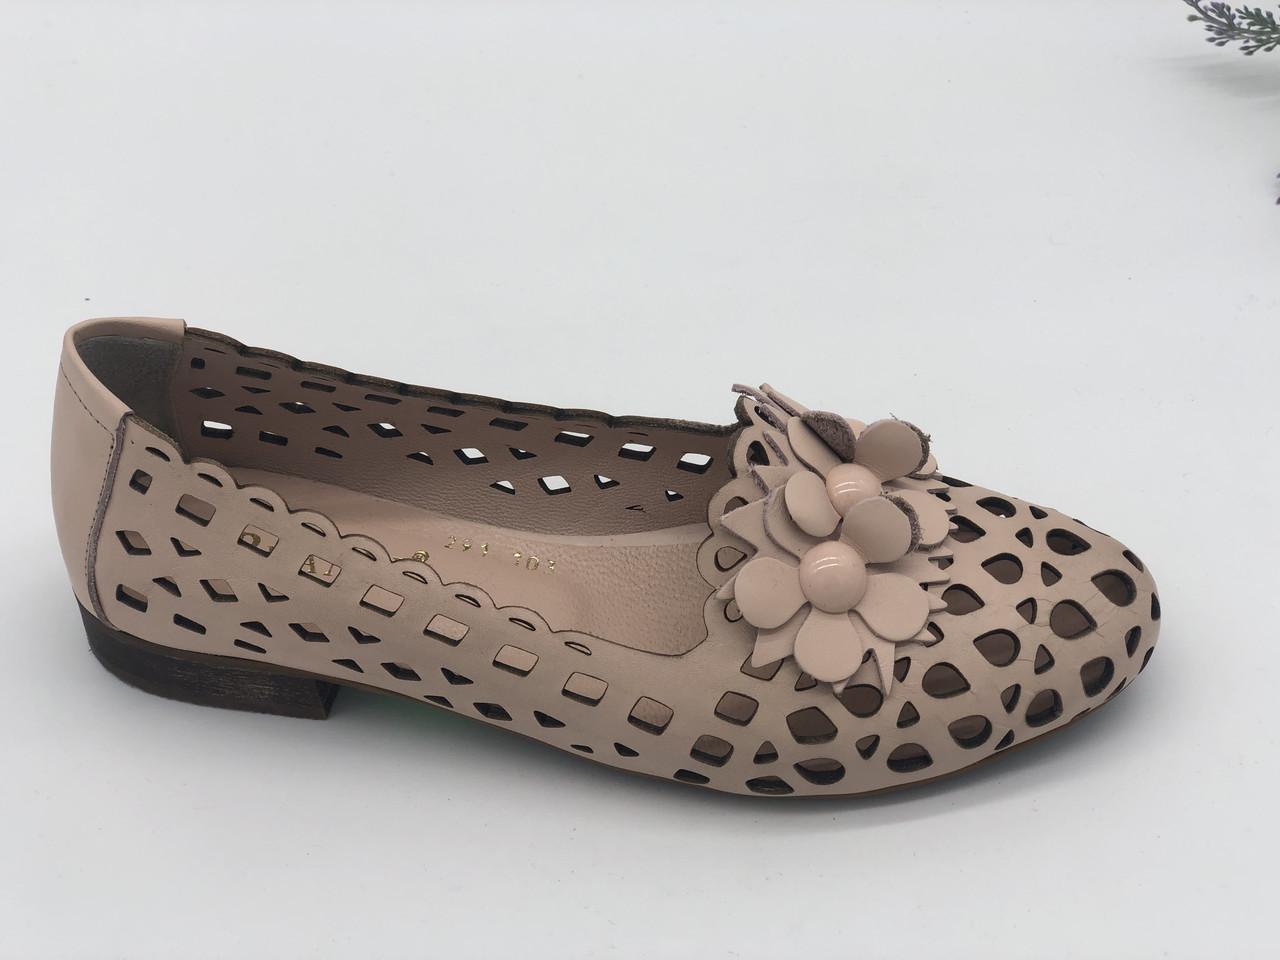 51a792c9e Балетки женские Phany розовый 291-103/06 кожа 37(р), цена 1 380 грн ...